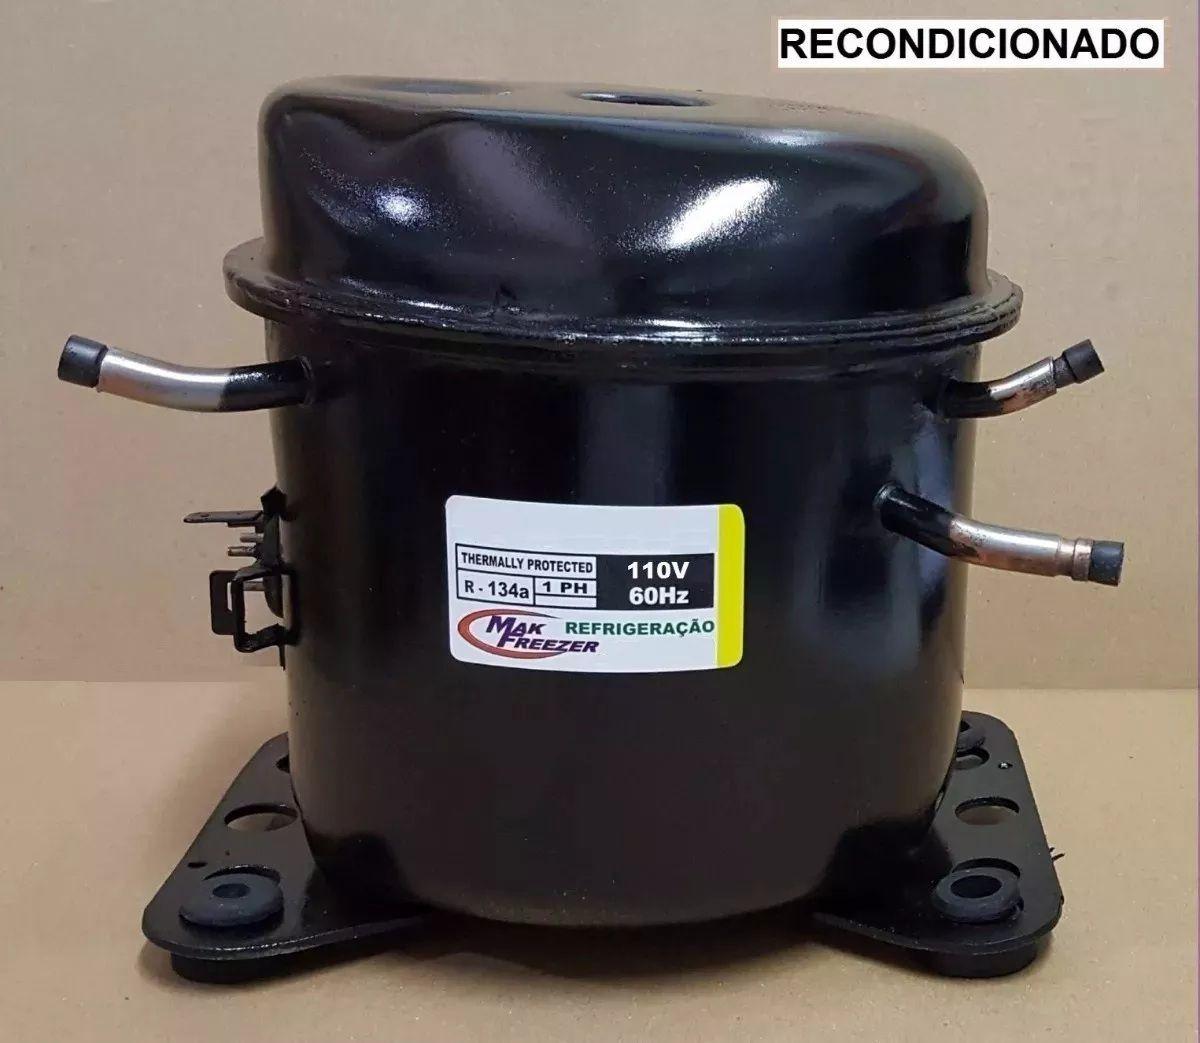 MOTOR PARA GELADEIRA E BEBEDOURO - Compressor 1/8 HP - Pw4.5 - R134a - Recondicionado